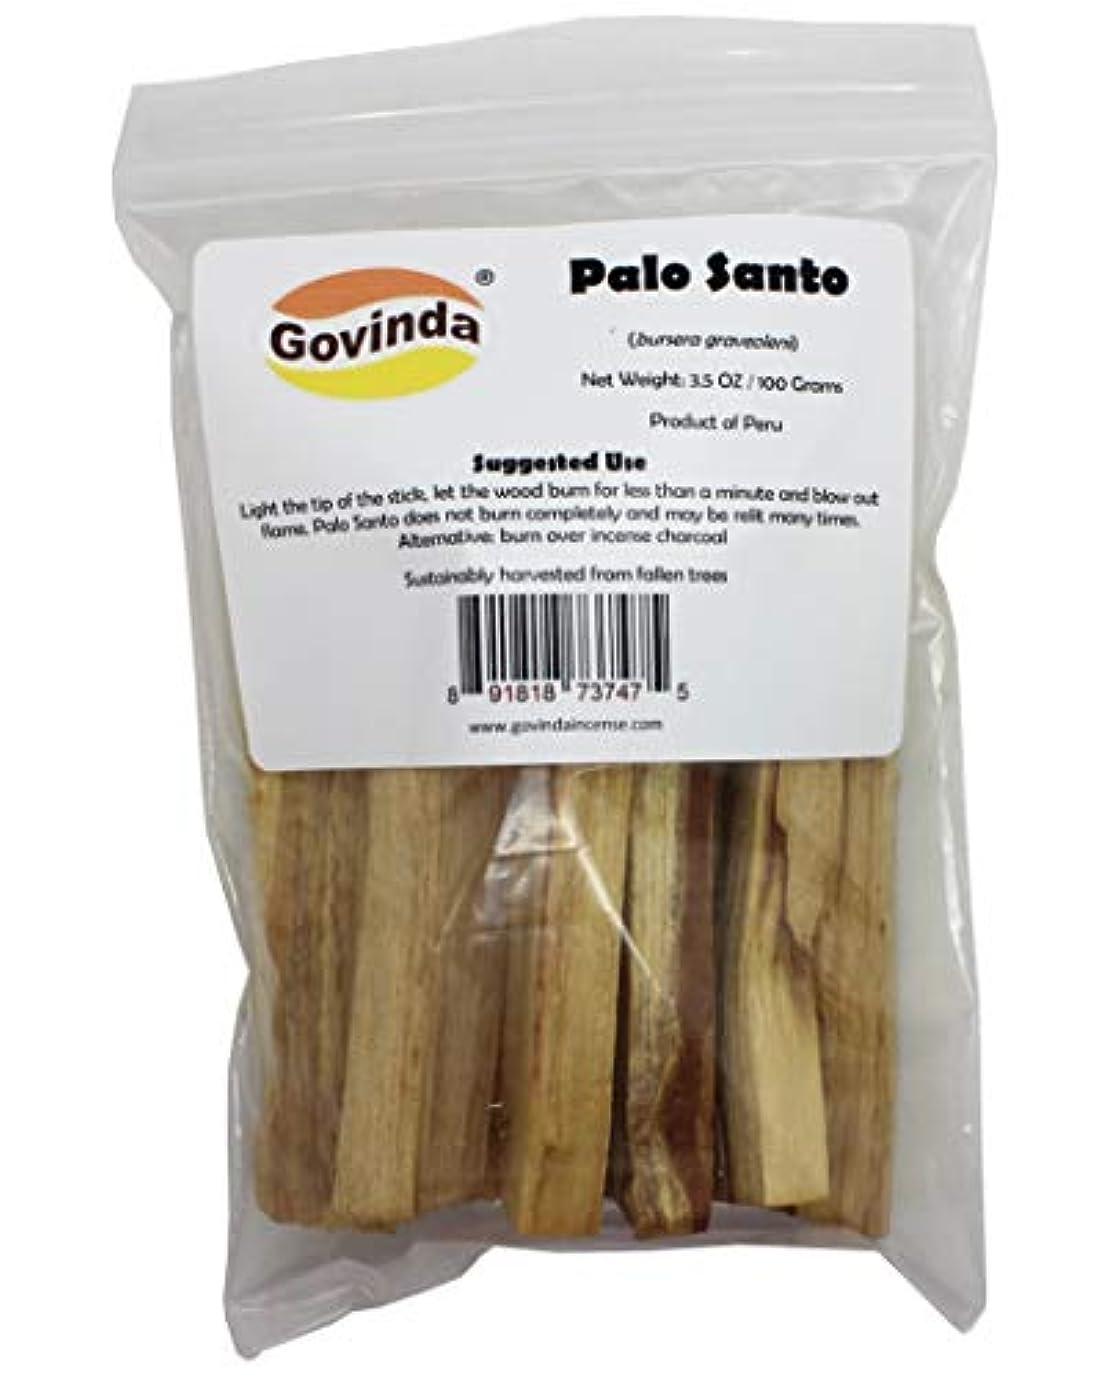 地中海歪めるピジンPalo Santo ペルー産パロサント香 Govinda 3.5オンス / 100 グラムパック